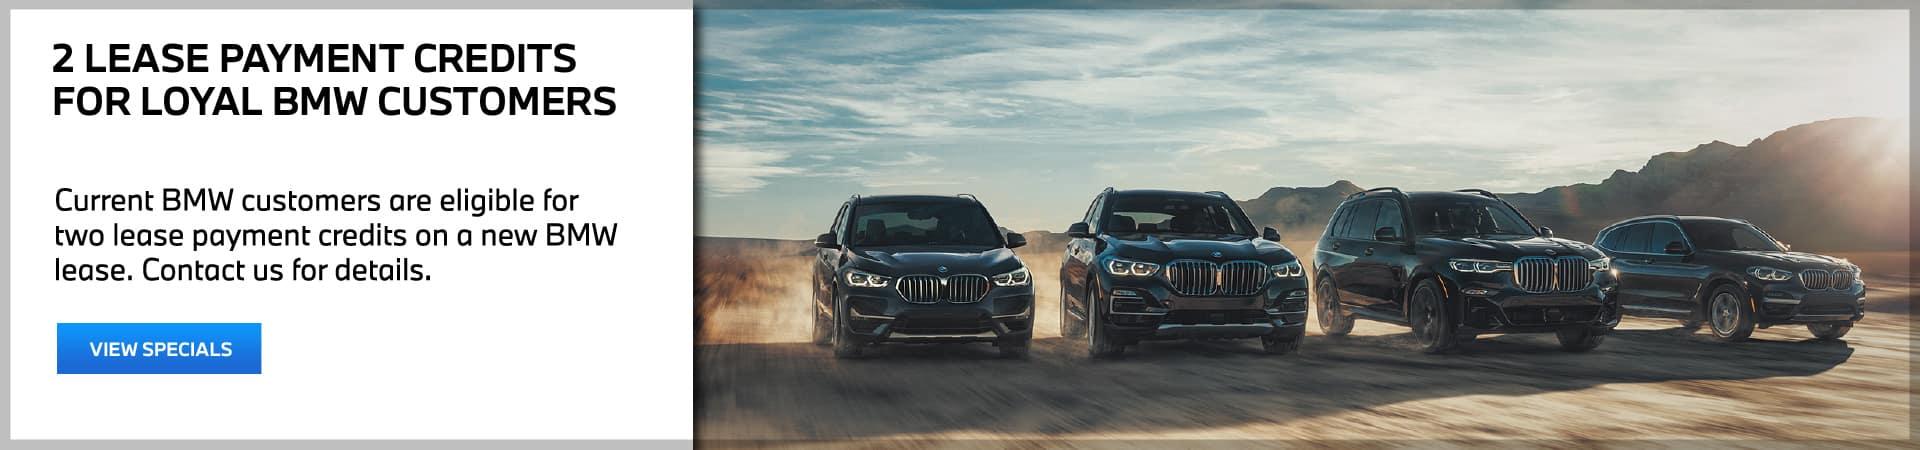 Autobahn BMW Fort Worth | BMW Loyalty Credits